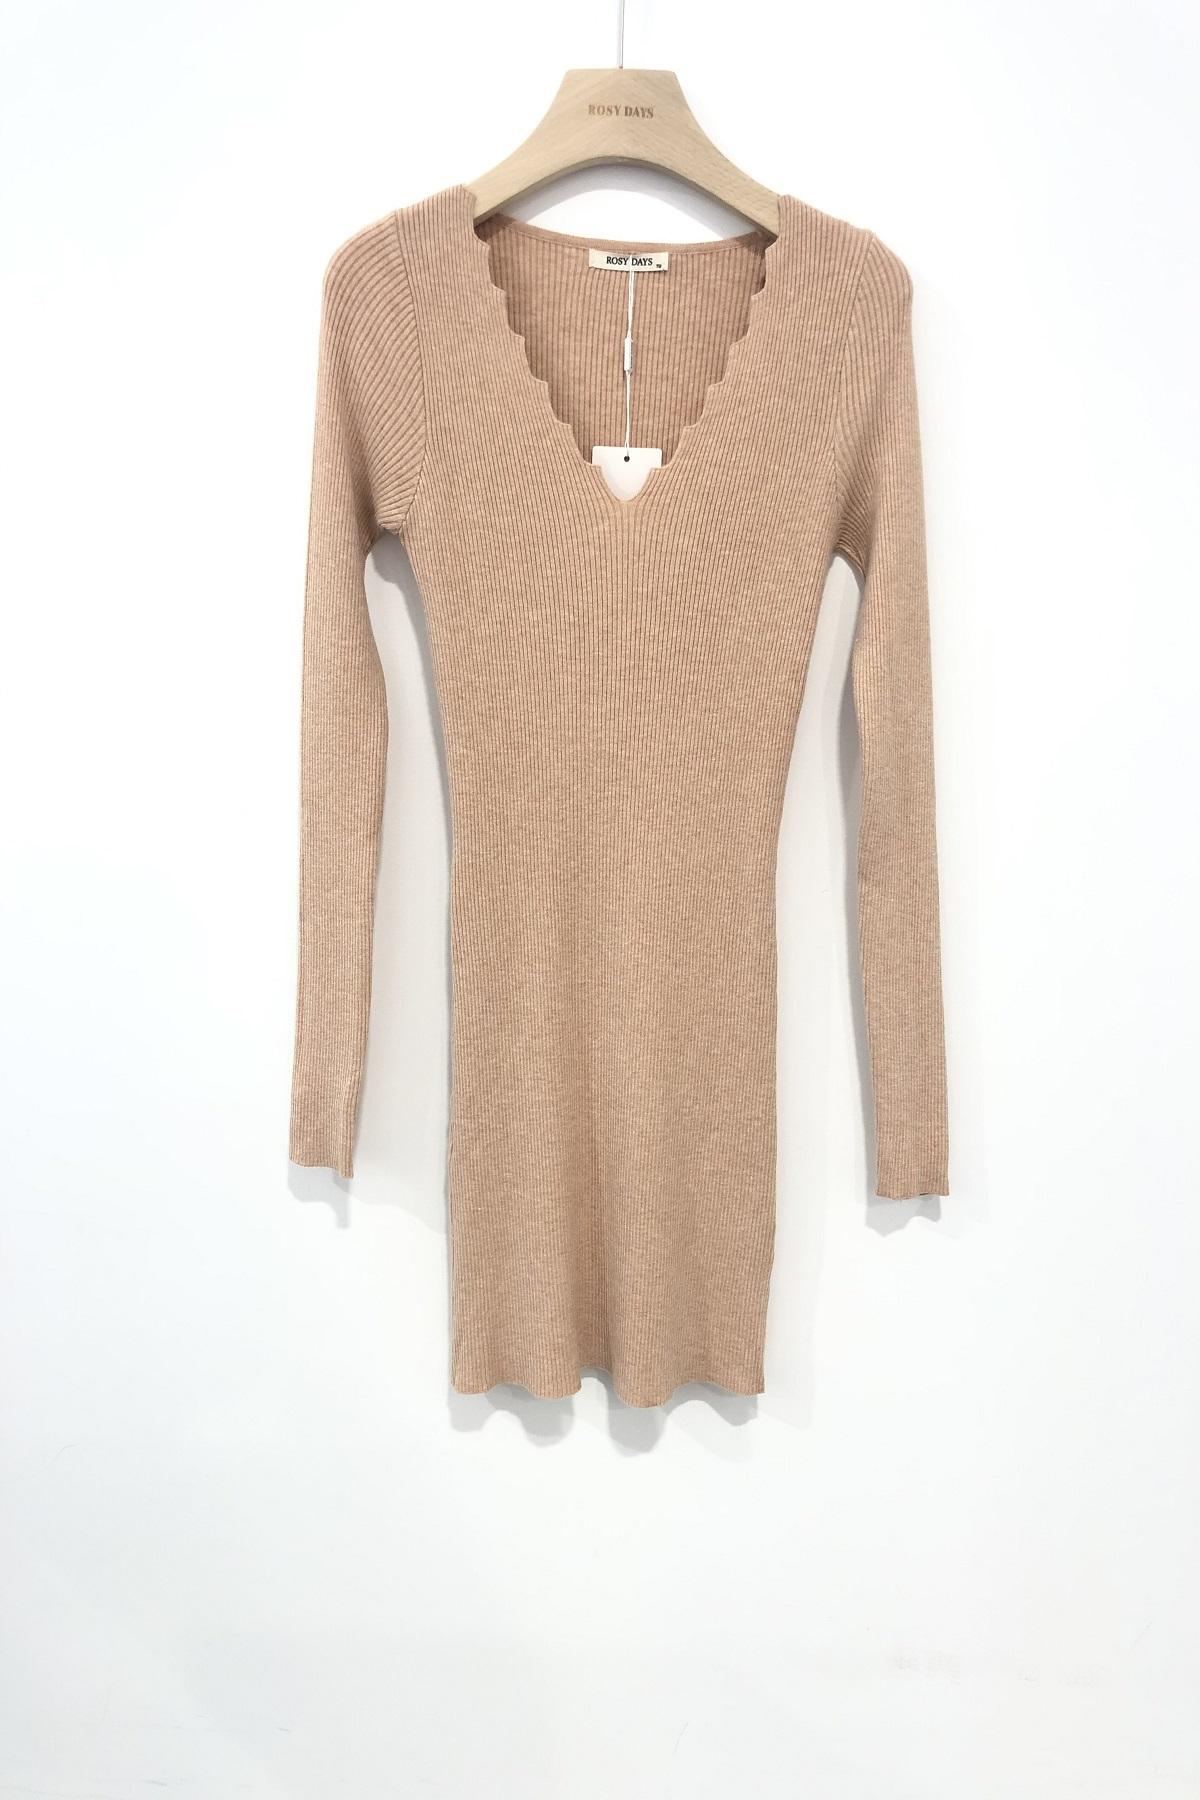 Robes courtes Femme Couleurs mélangées DESVENCHY ROSY DAYS 9279 #c eFashion Paris